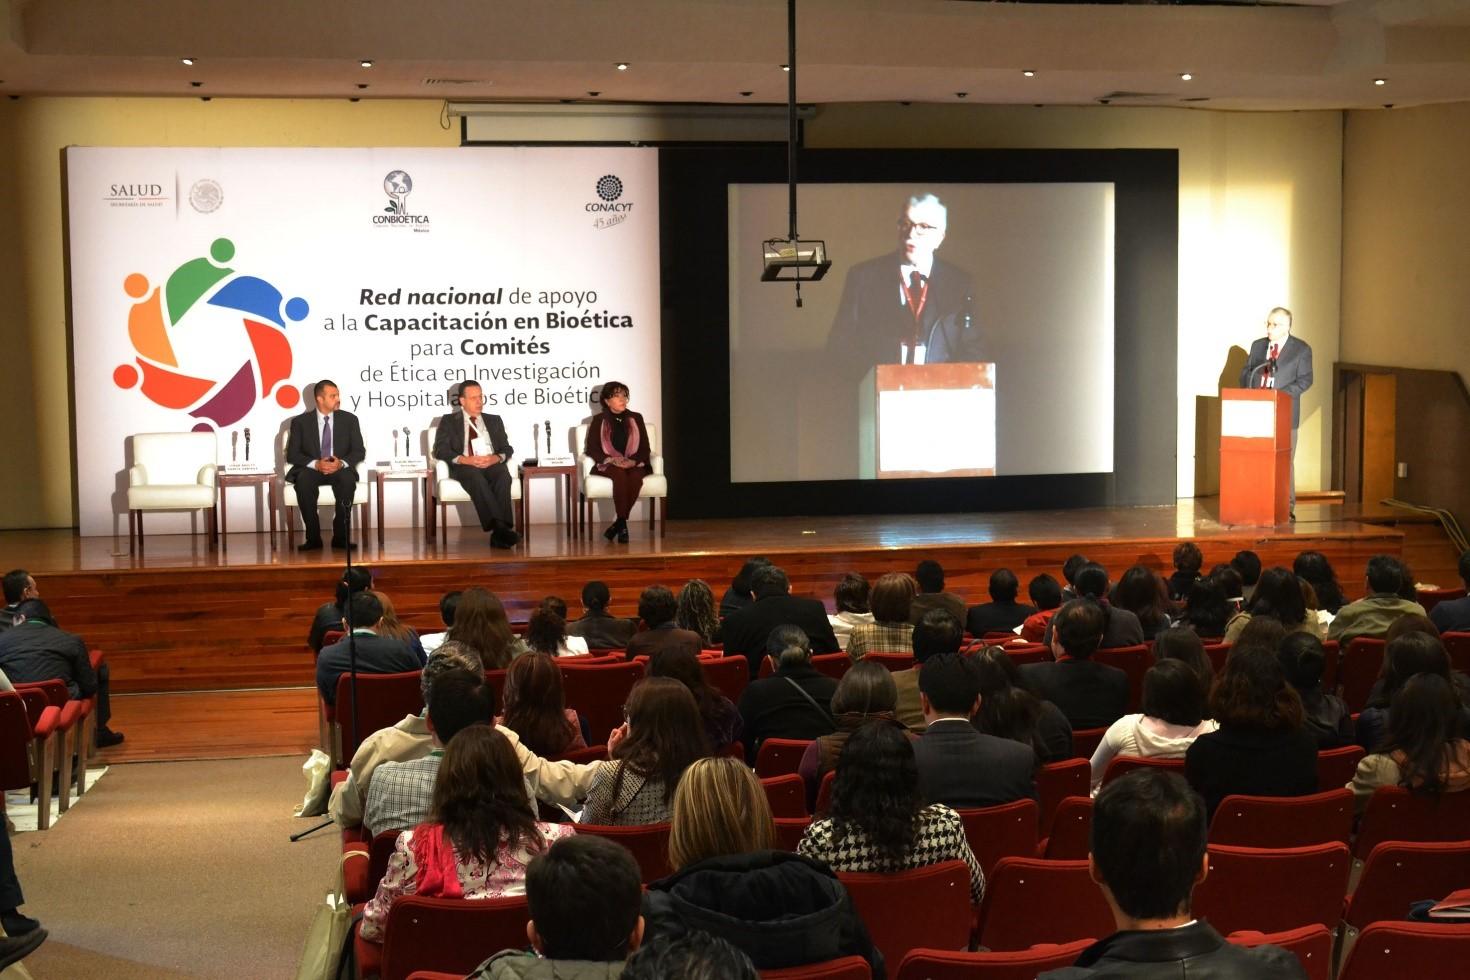 Reforzar el conocimiento sobre la normatividad nacional e internacional de los comités de ética, el objetivo.